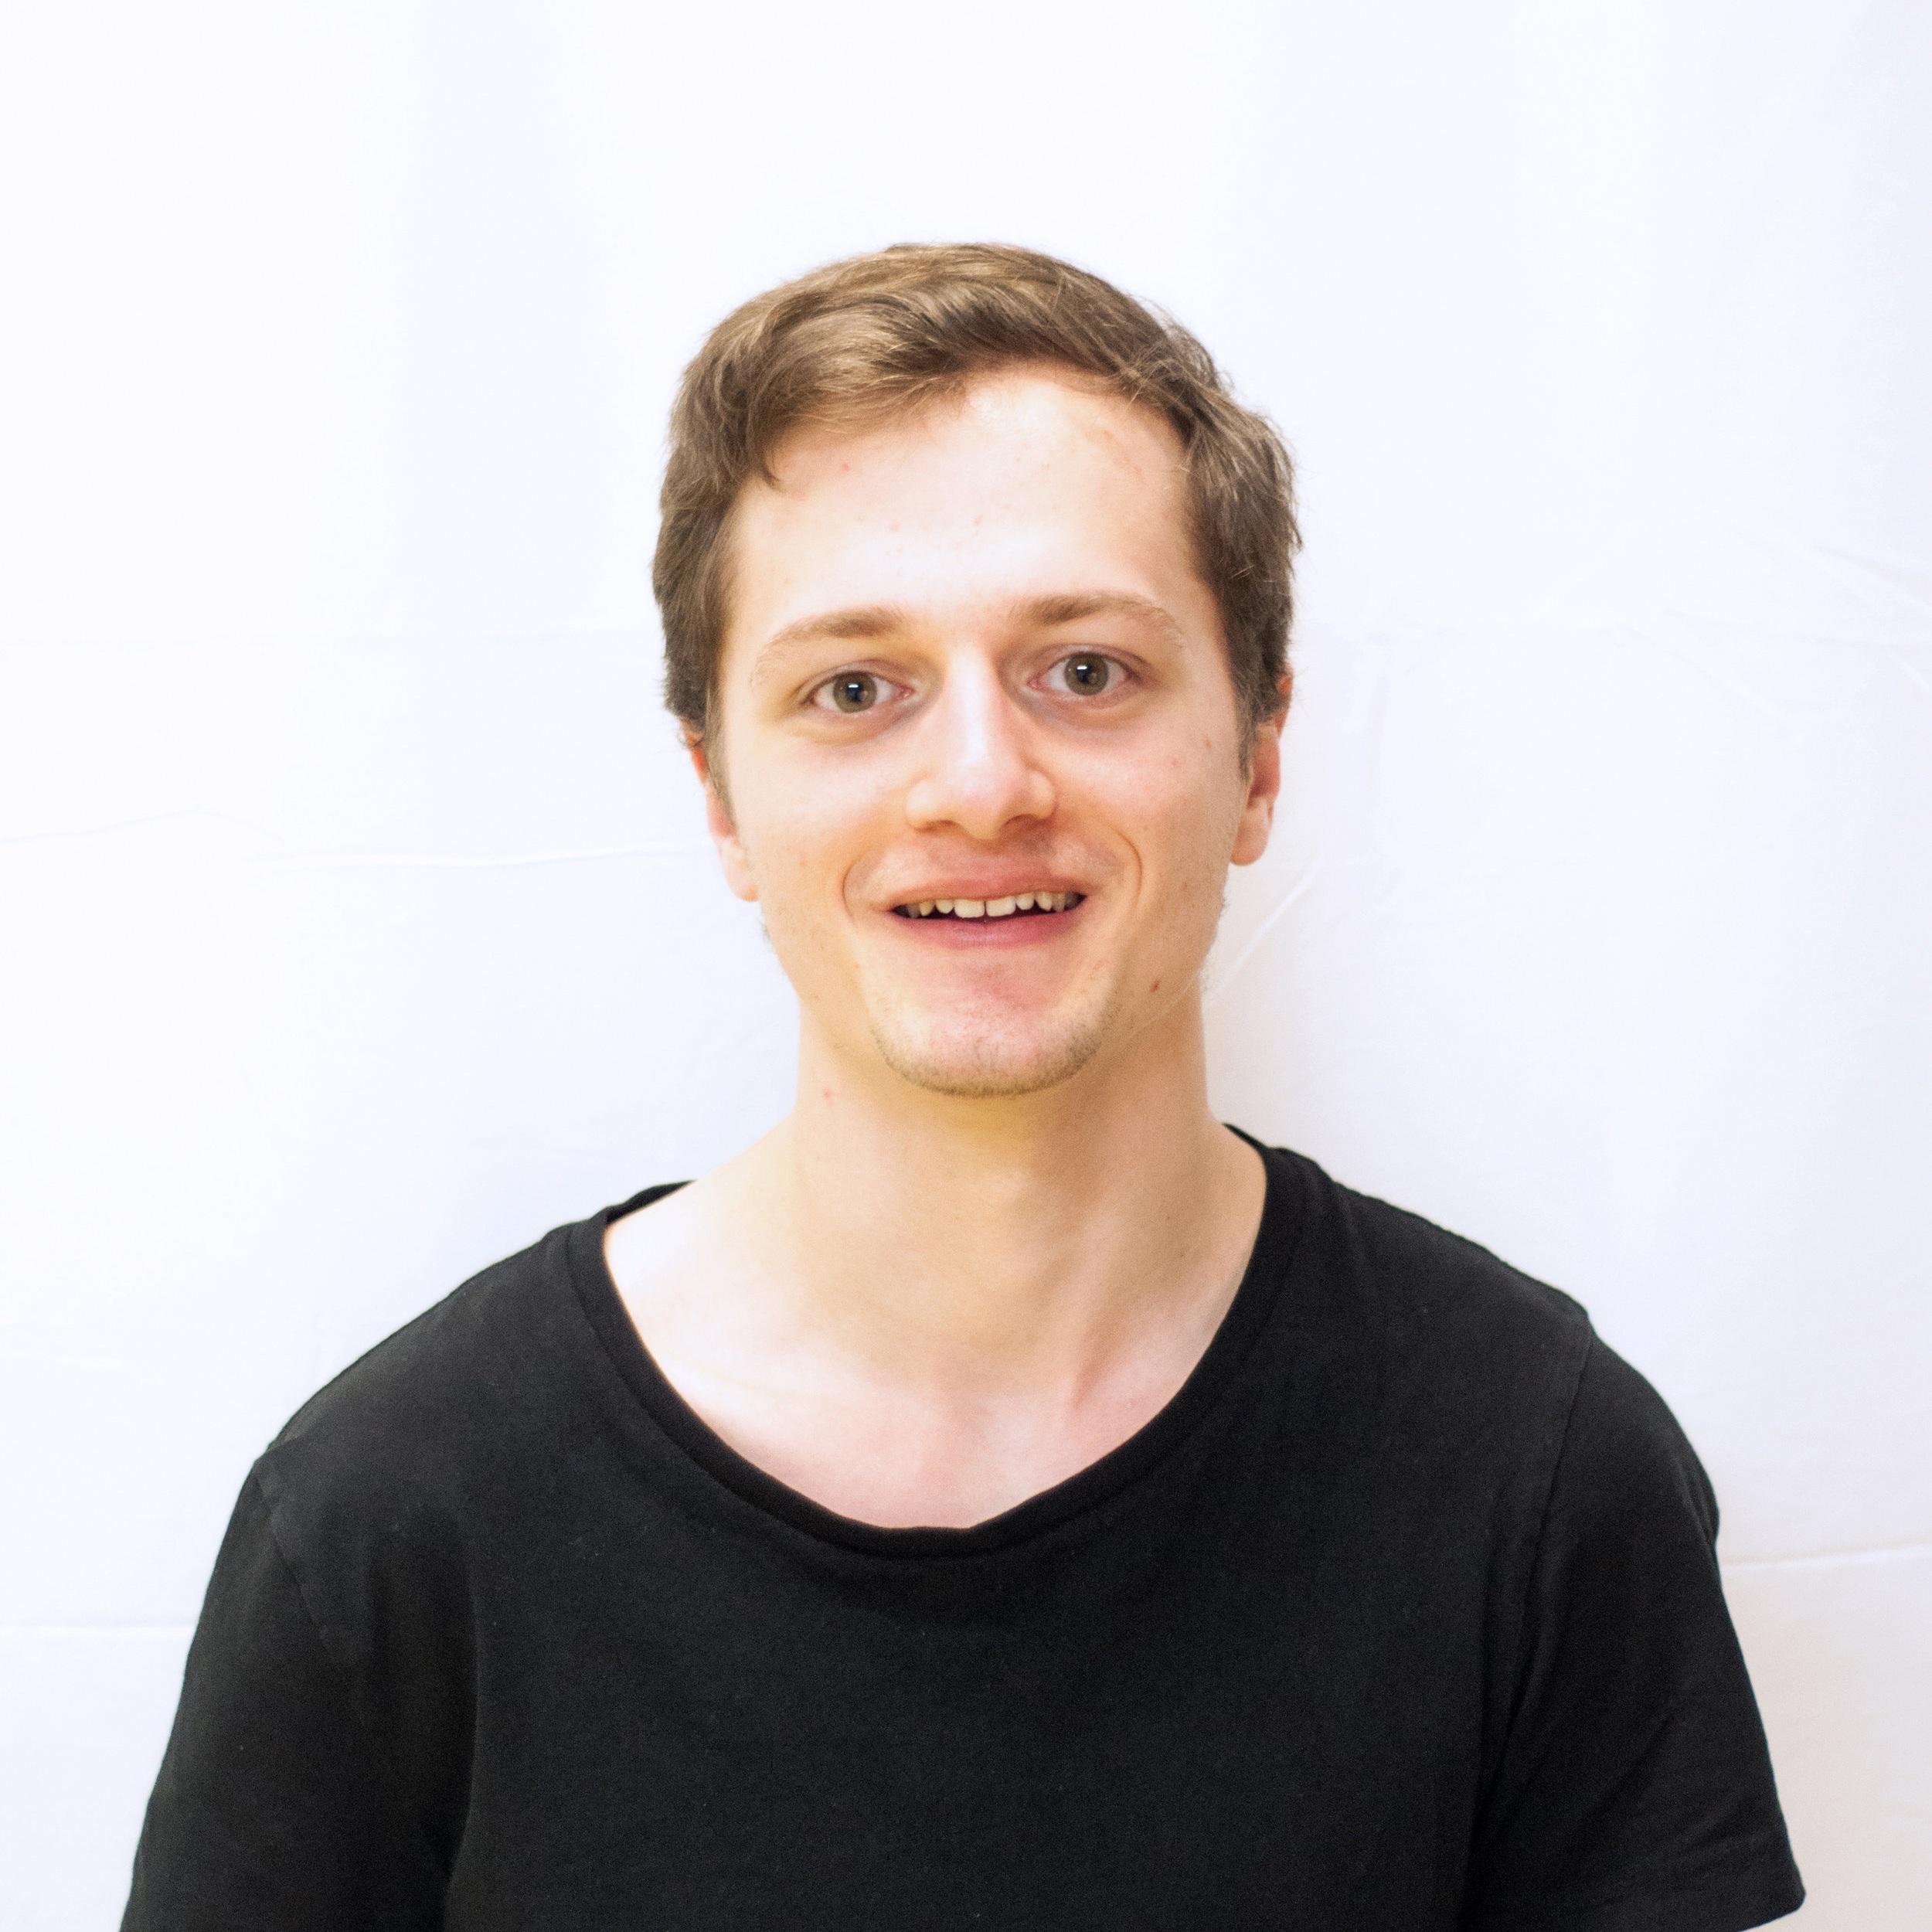 Oscar van Egeren - Electronics Engineer